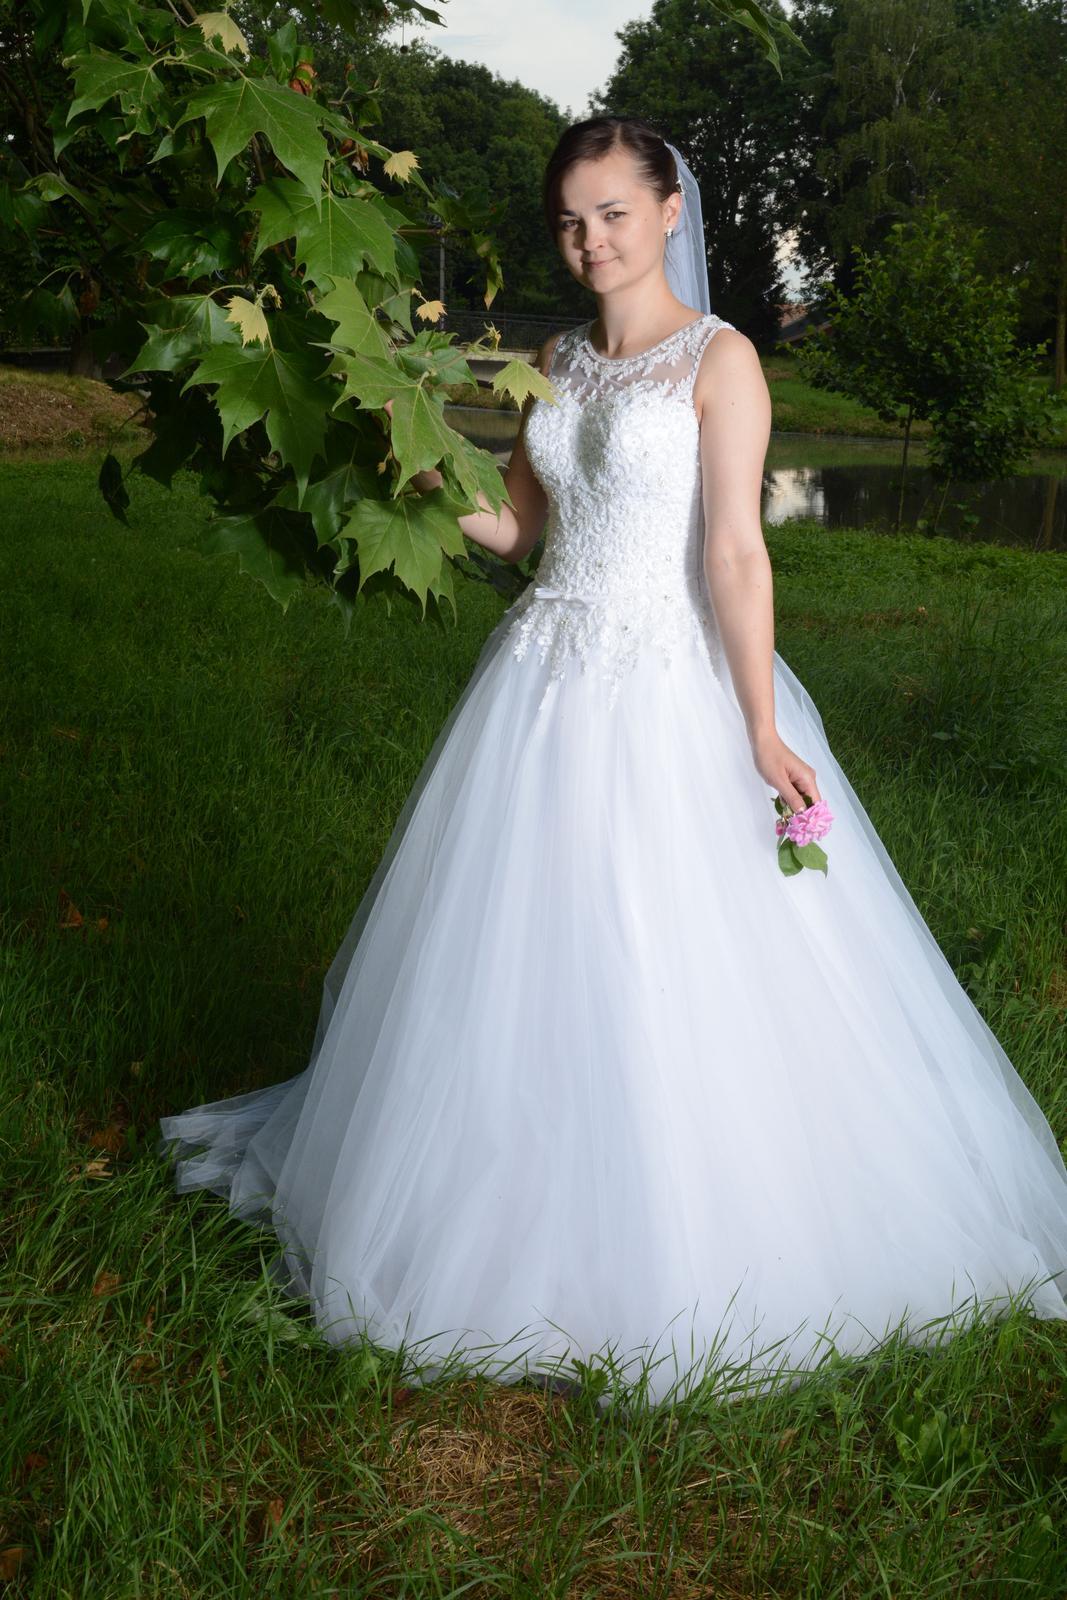 svadobné šaty ako pre popolušku 36 - Obrázok č. 1